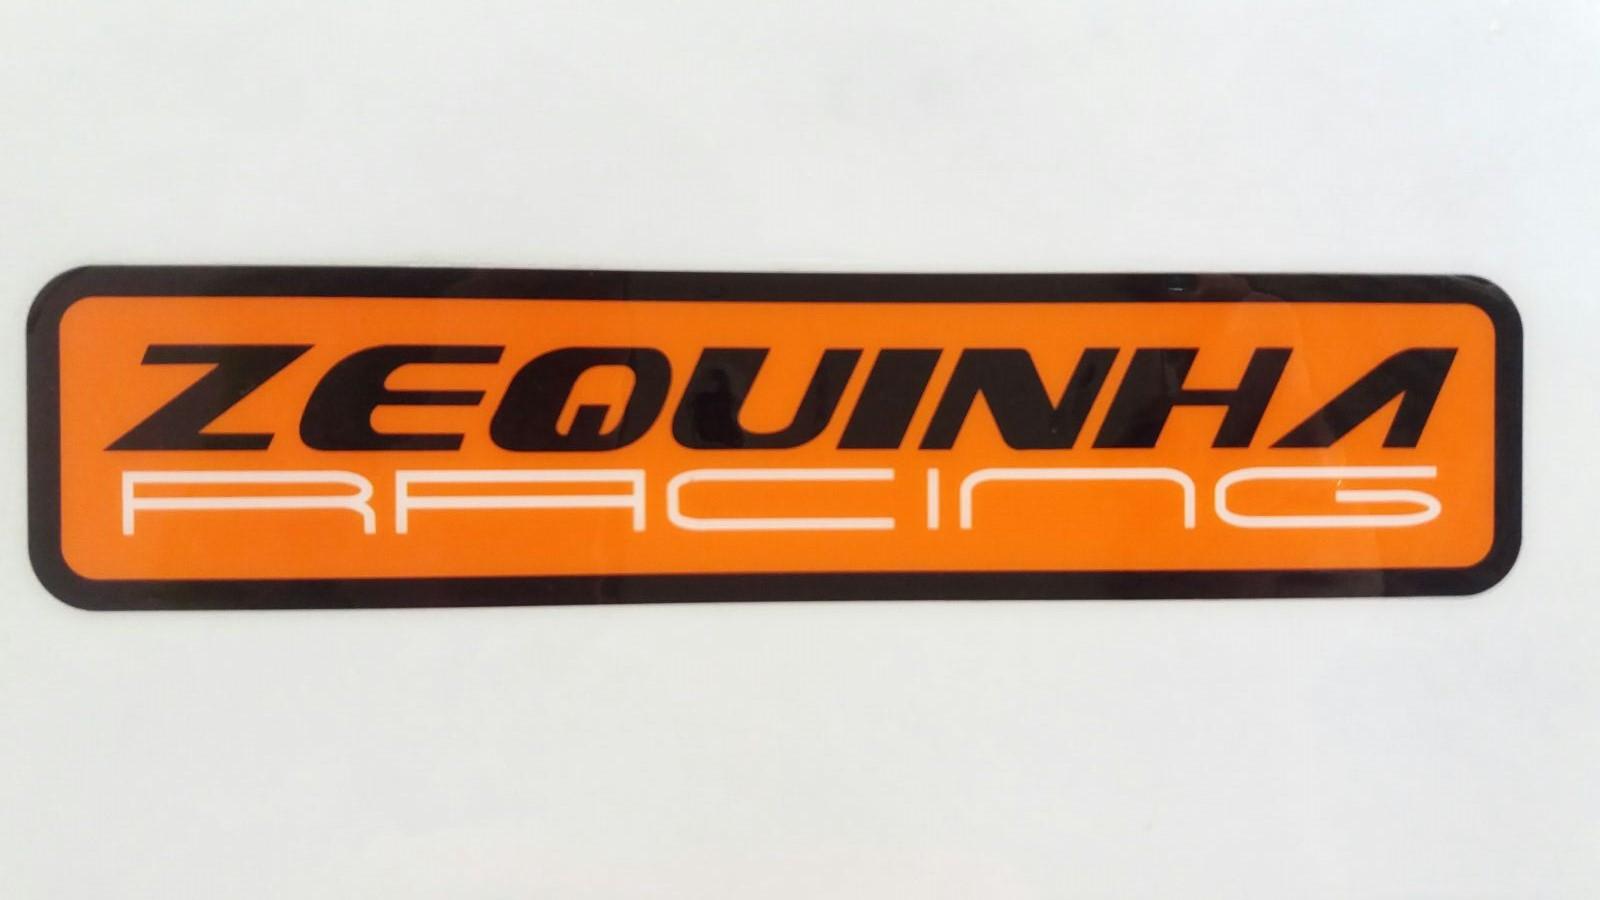 Zequinha Racing